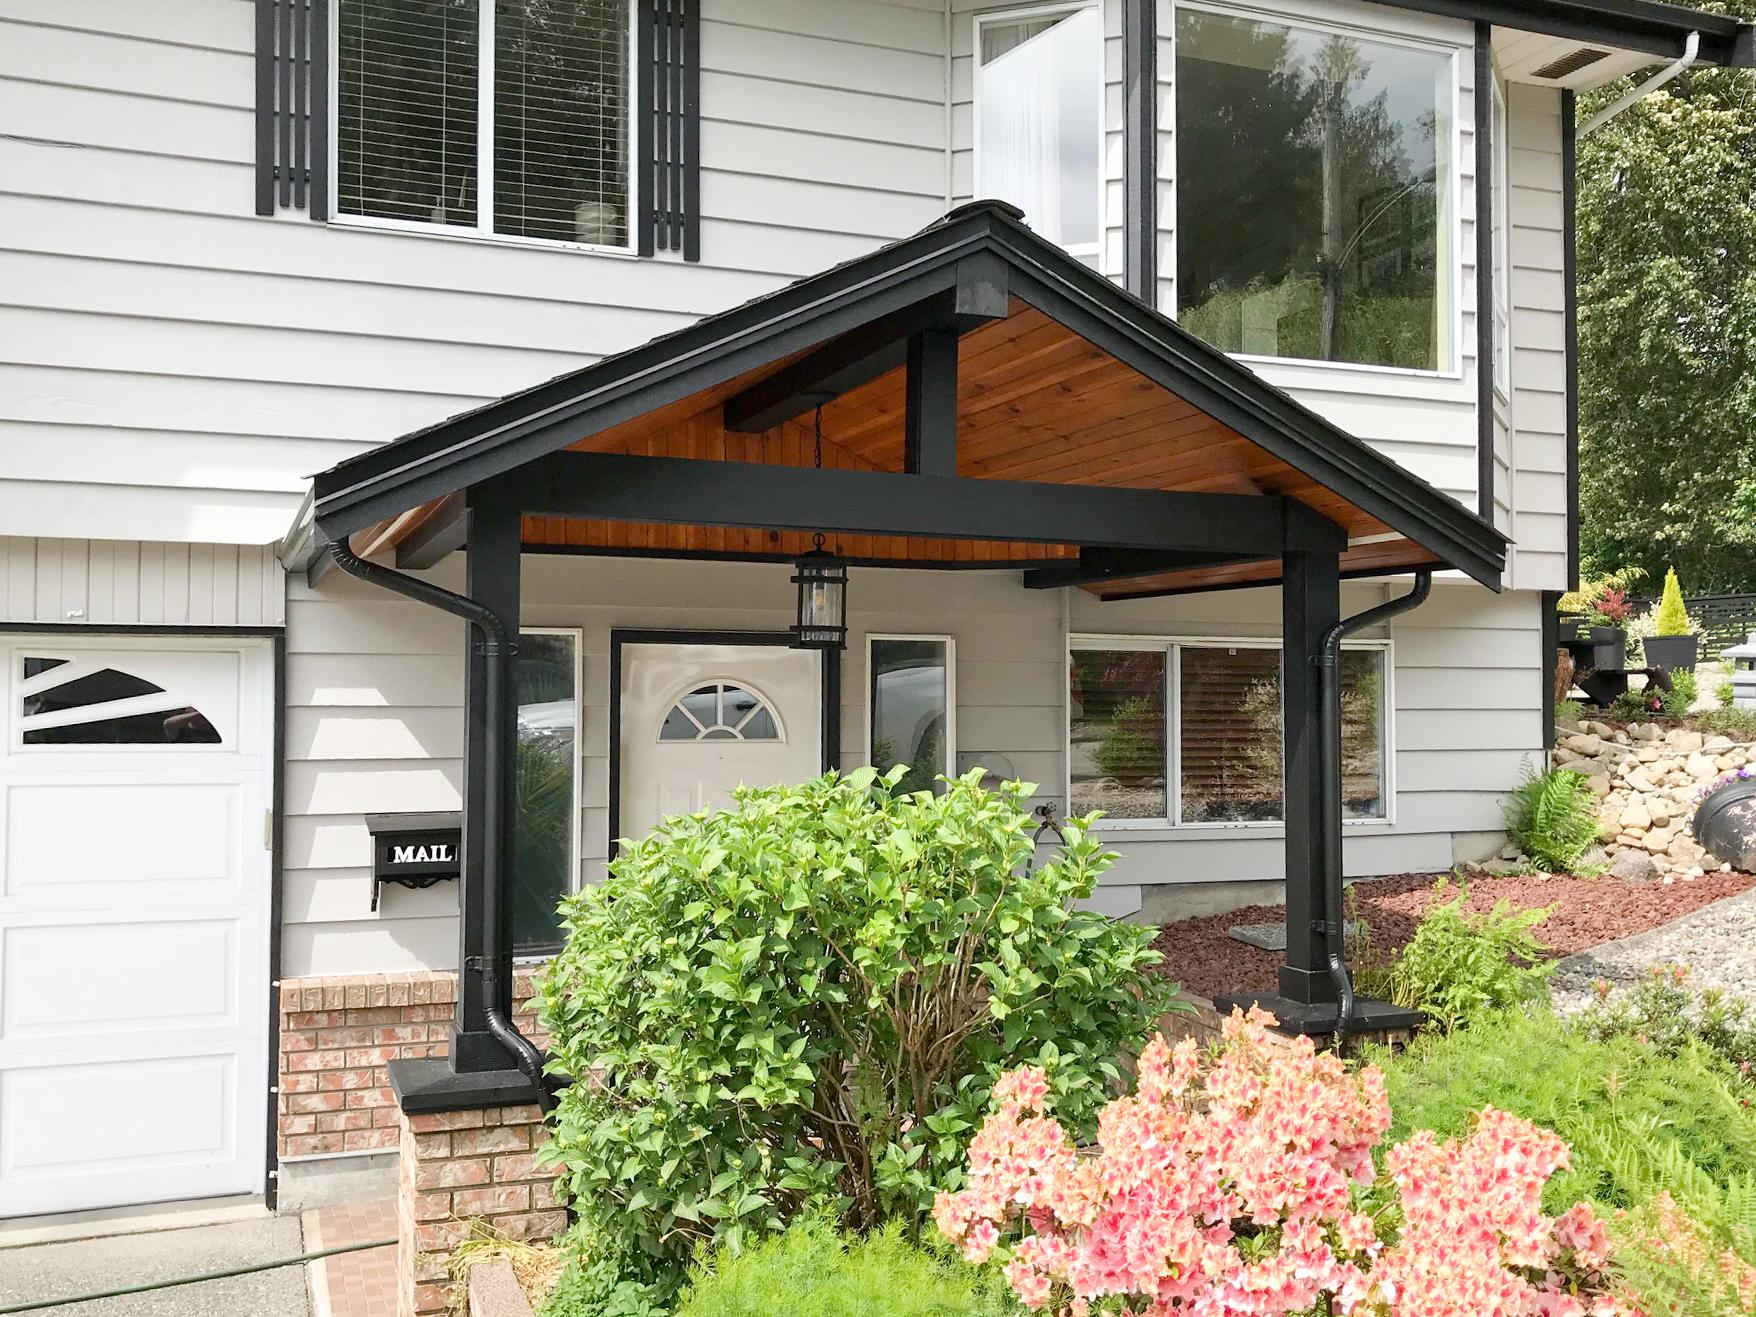 olmani-vancouver-front-door-overhang-renovation-1.jpg